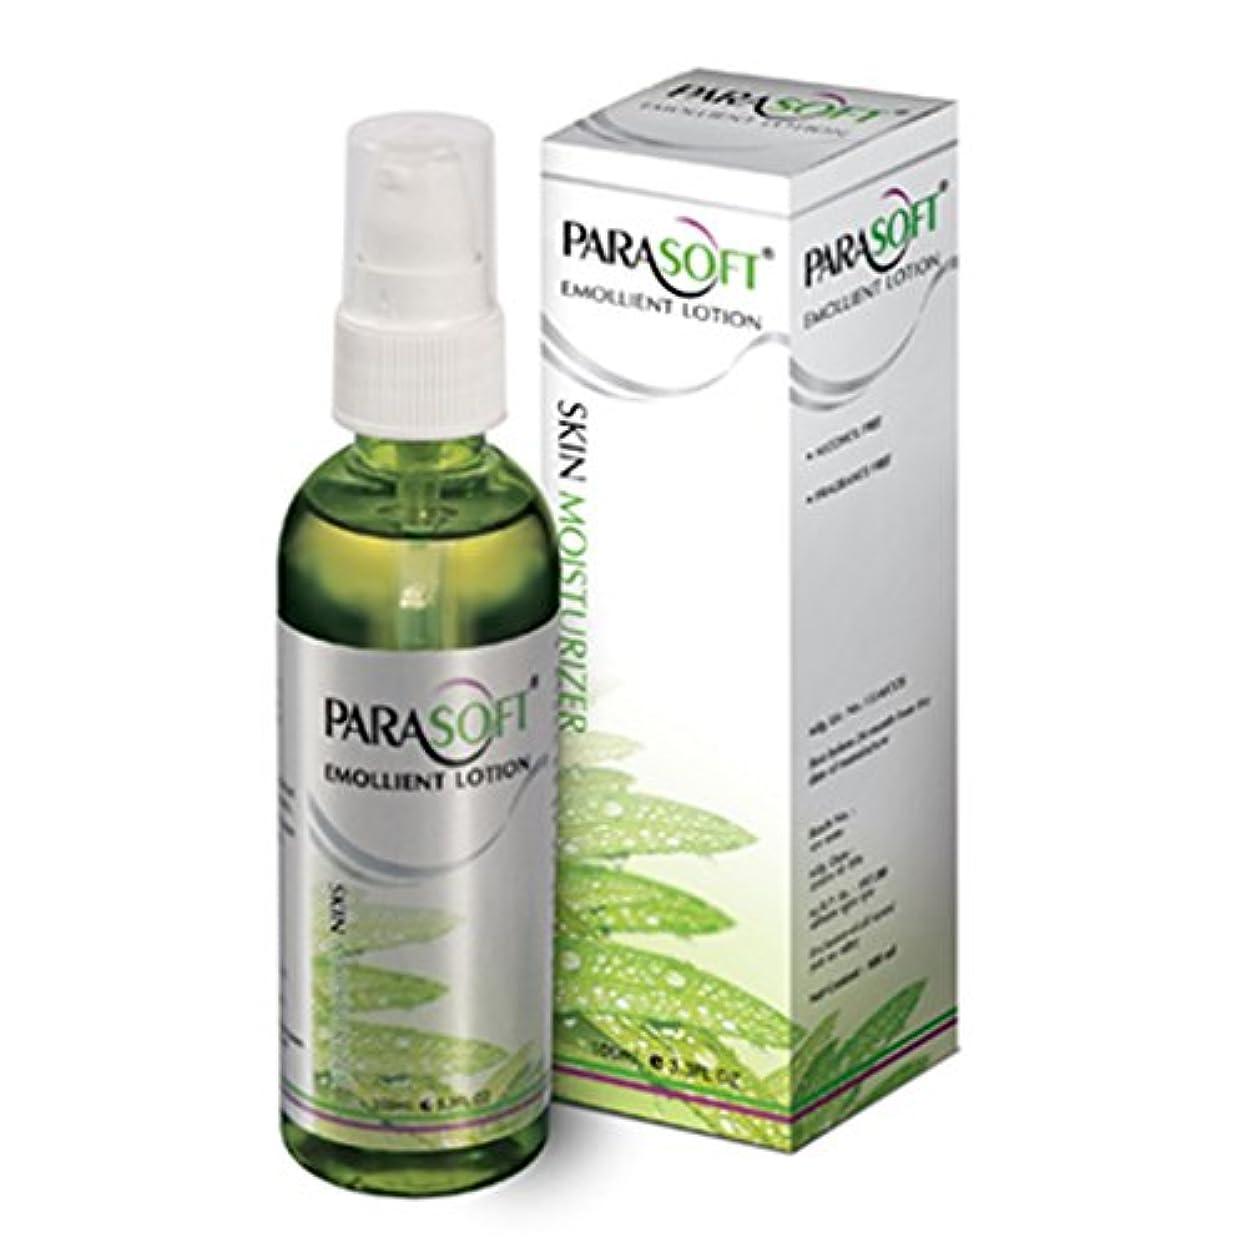 死ぬペレグリネーション商品Paraffin Lotion Grapeseed, Jojoba, Aloevera, Avocado, Olive Oil Dry Skin 100ml